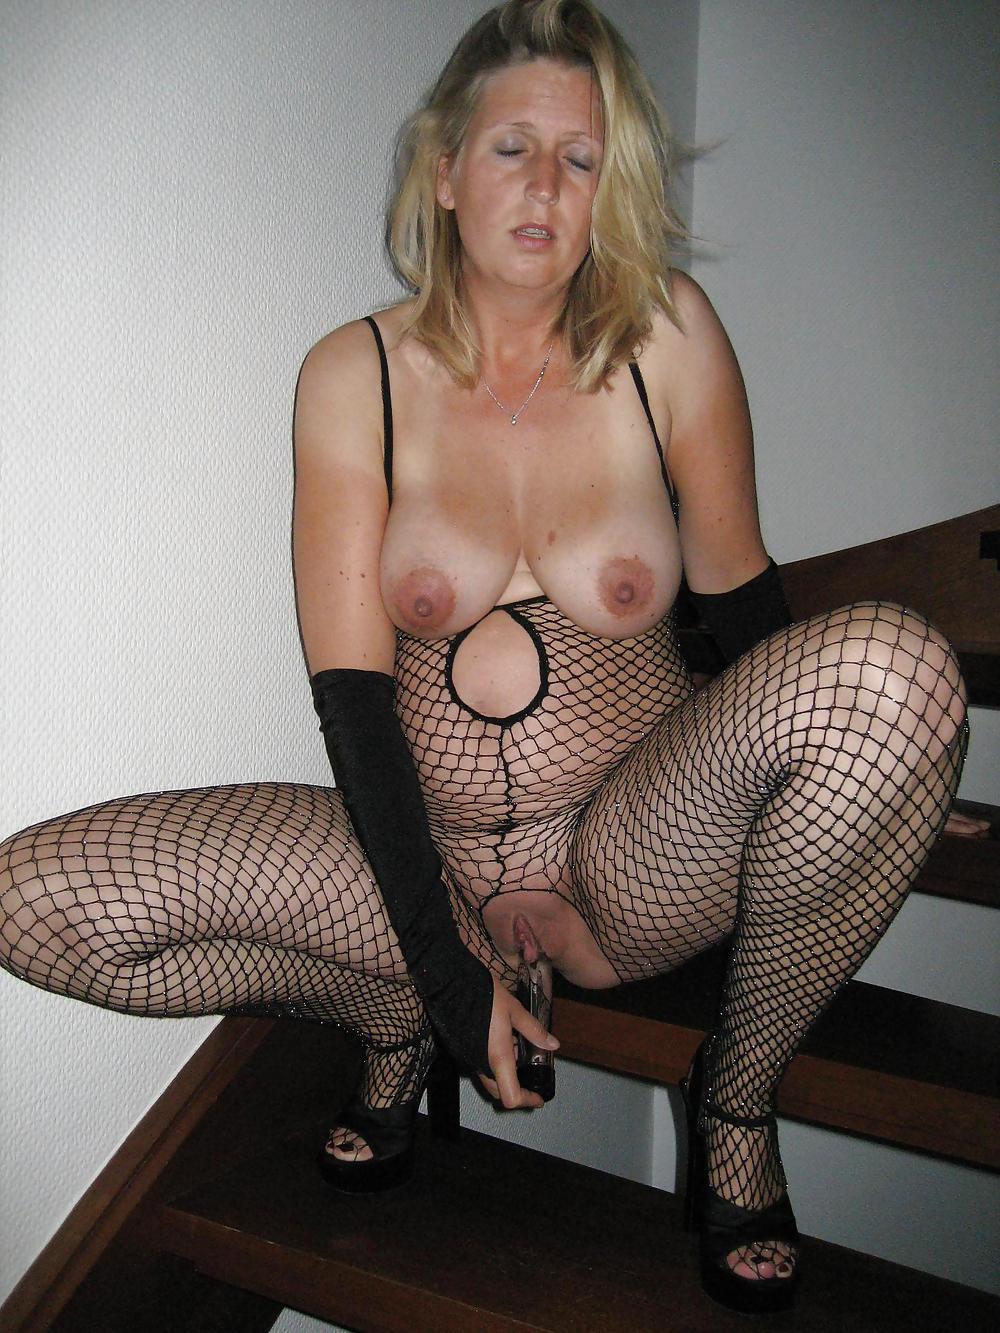 http://maturesonfire.com/gallery/Matures_milf_housewives_66/78.jpg